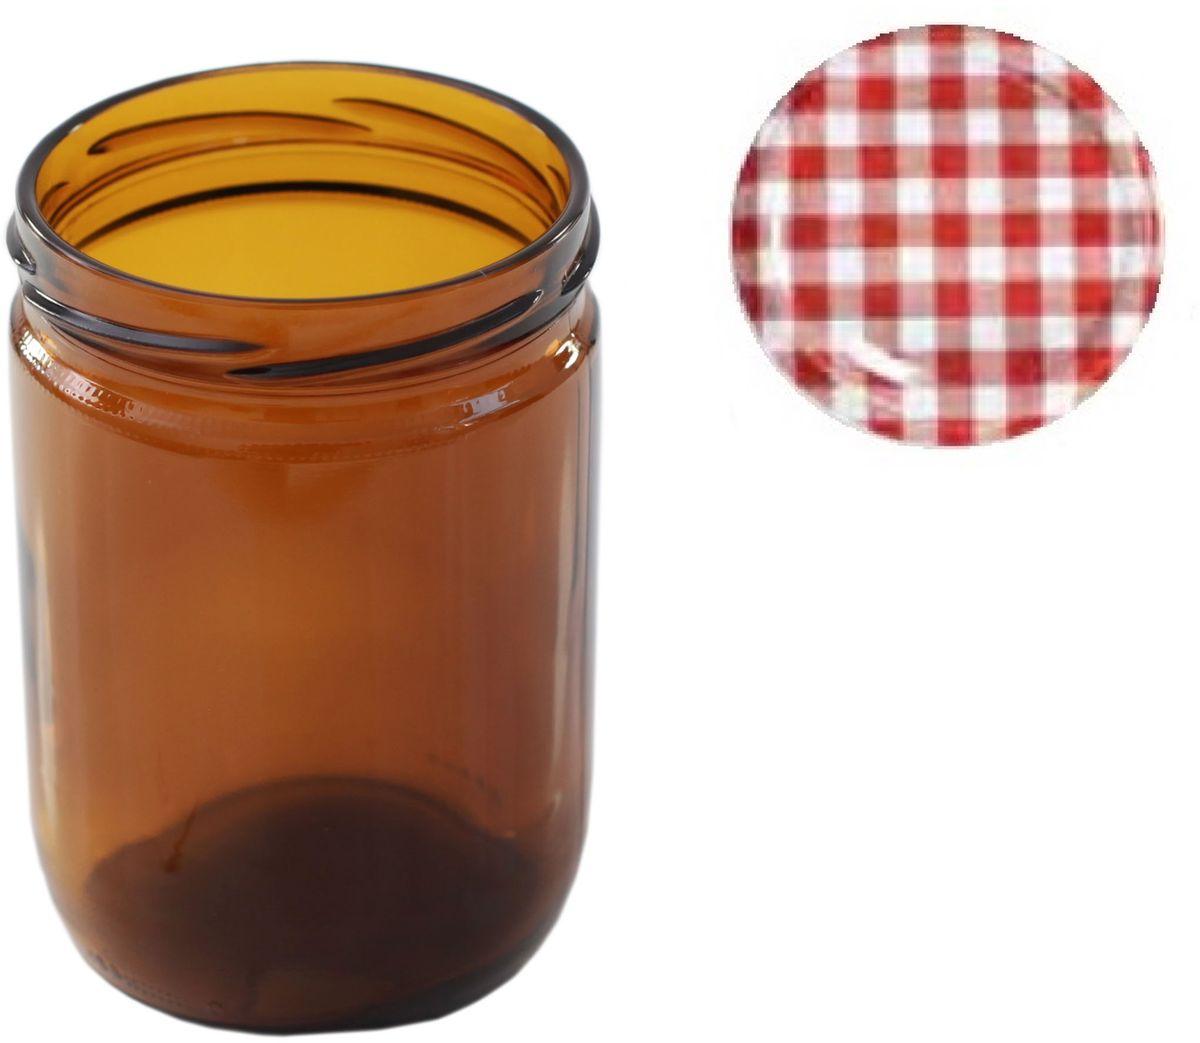 Банка для сыпучих продуктов Einkochwelt, с крышкой, 490 мл54168Банка для сыпучих продуктов Einkochwelt изготовлена из прочного стекла и дополненаметаллической крышкой. Такая модель станет незаменимым помощником на любой кухне. В нейбудет удобно хранить сыпучие продукты, такие, как чай, кофе, соль, сахар, крупы, макароны имногое другое. Емкость плотно закрывается крышкой, благодаря которой дольше сохраняяаромат и свежесть содержимого. Оригинальная форма и цвет банки позволит ей стать нетолько полезным изделием, но и украшением интерьера вашей кухни. Объем банки: 490 мл.